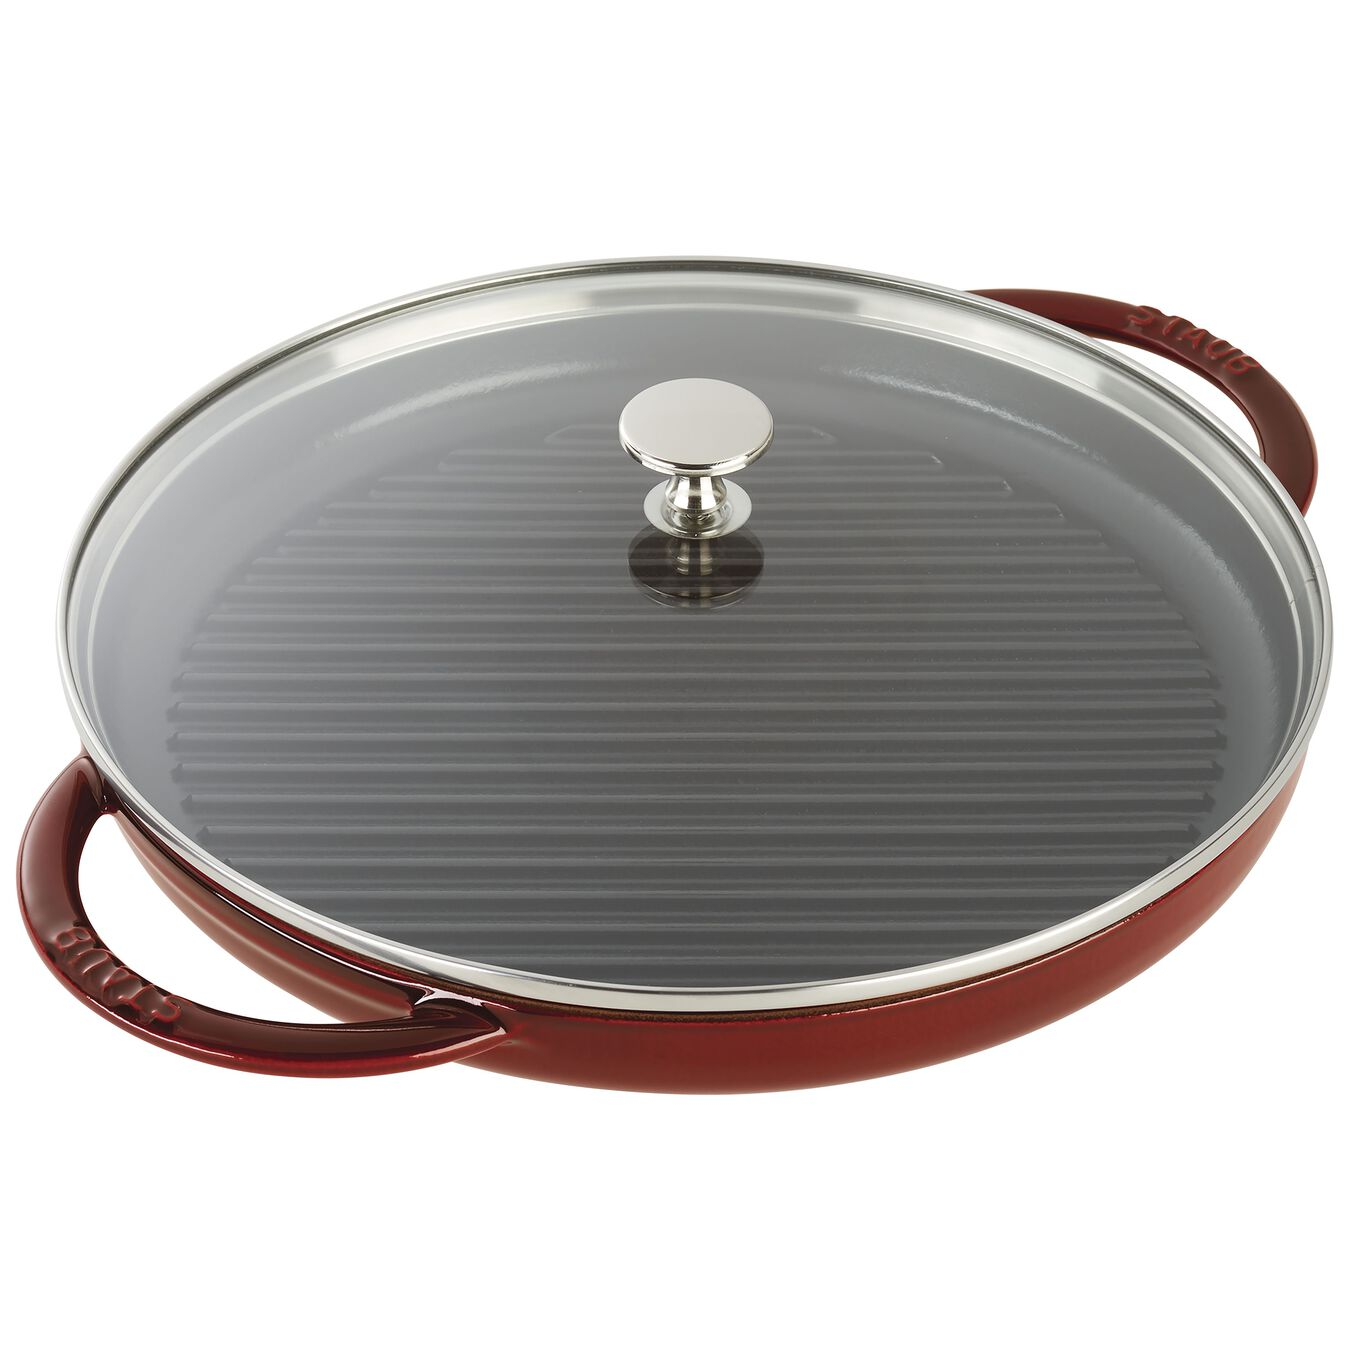 12-inch Round Steam Grill - Grenadine,,large 1